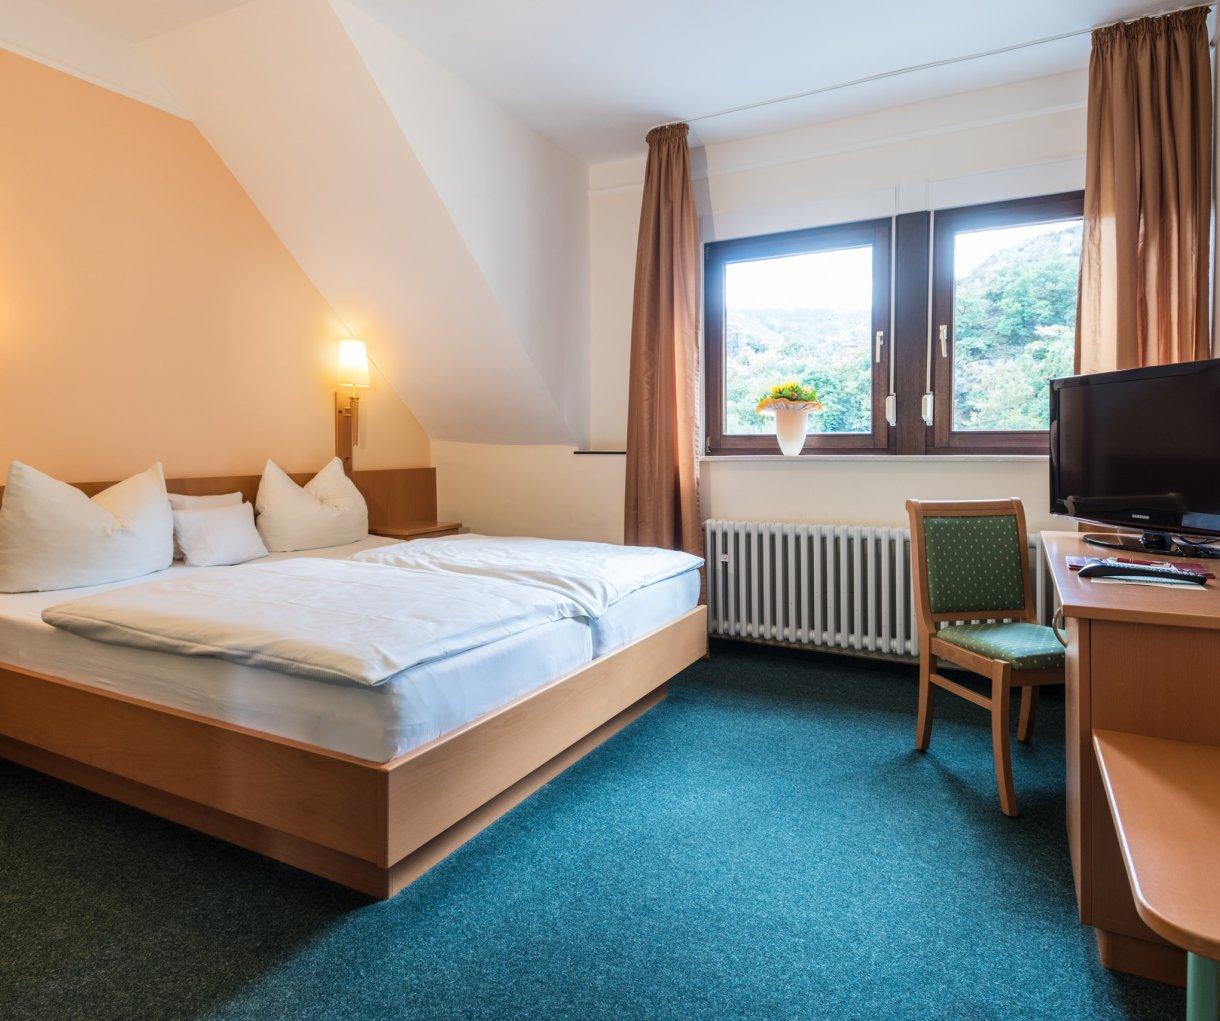 Hotel <br> Ruland